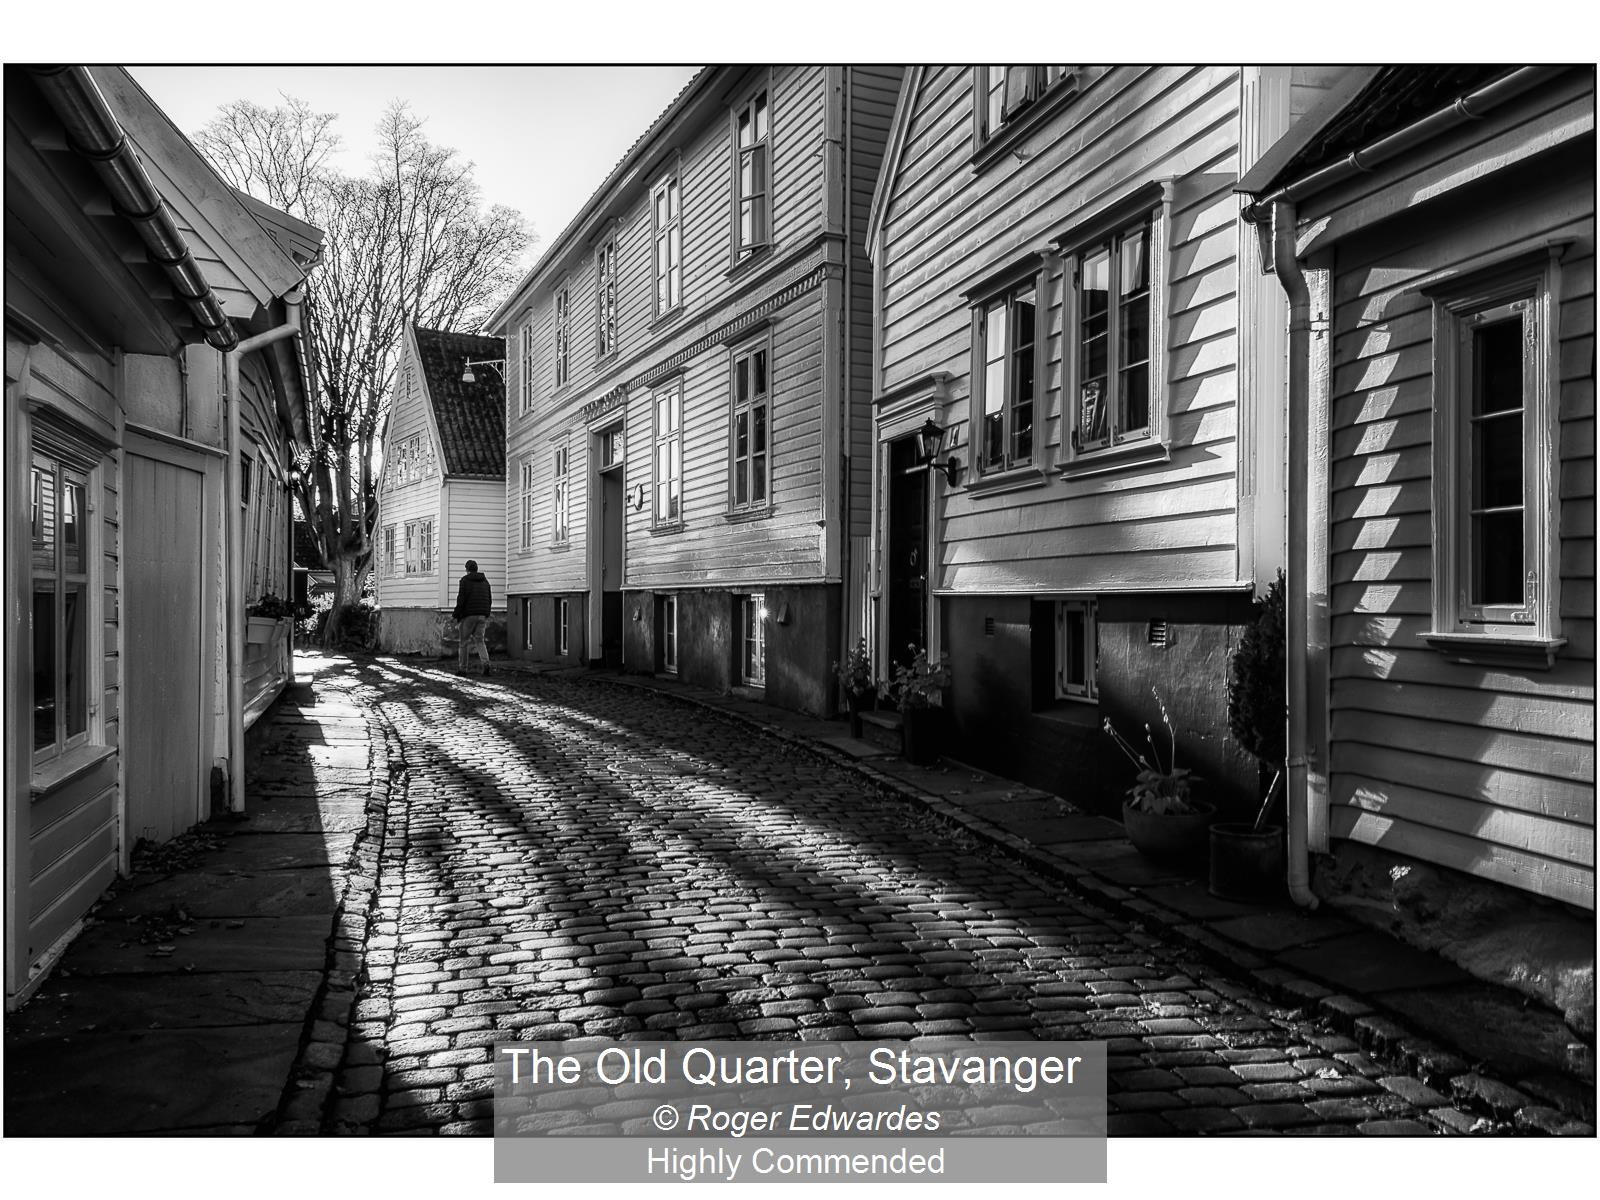 The Old Quarter, Stavanger_Roger Edwarde